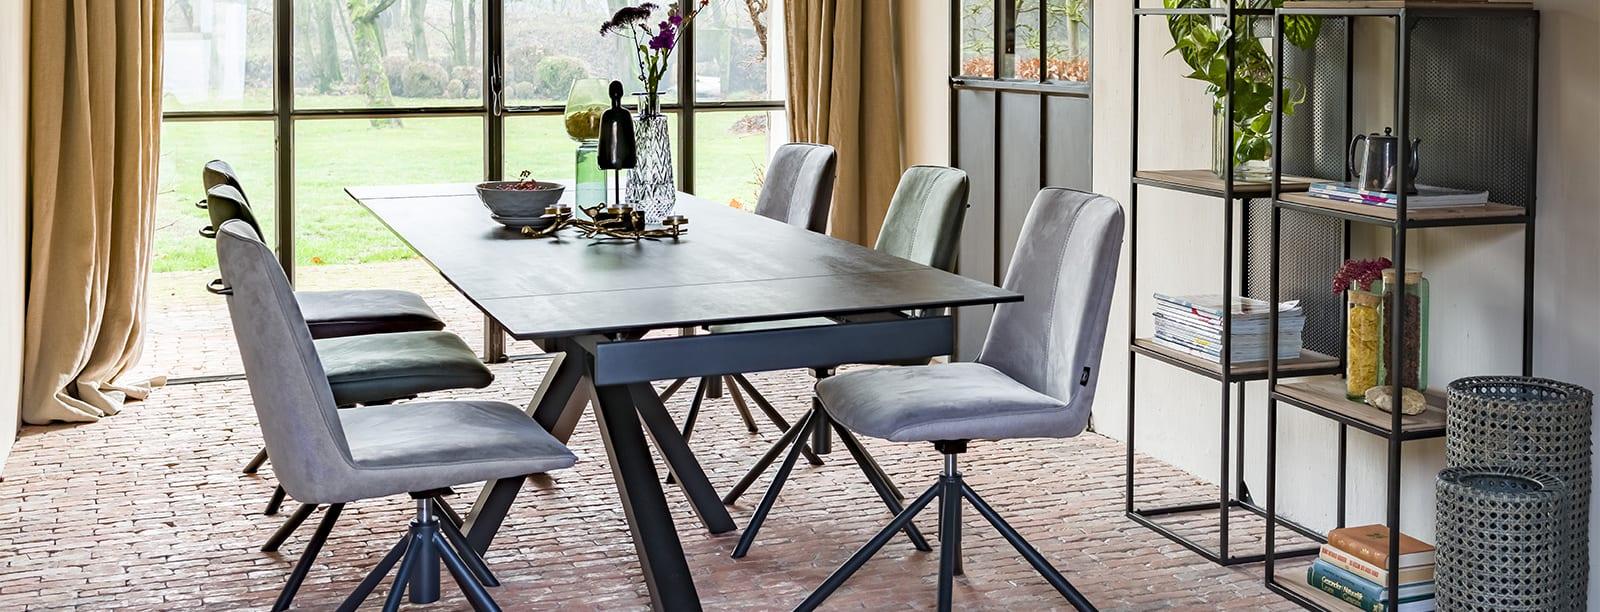 Cette table Multi anthracite et très design a un cachet minimaliste bien marqué.